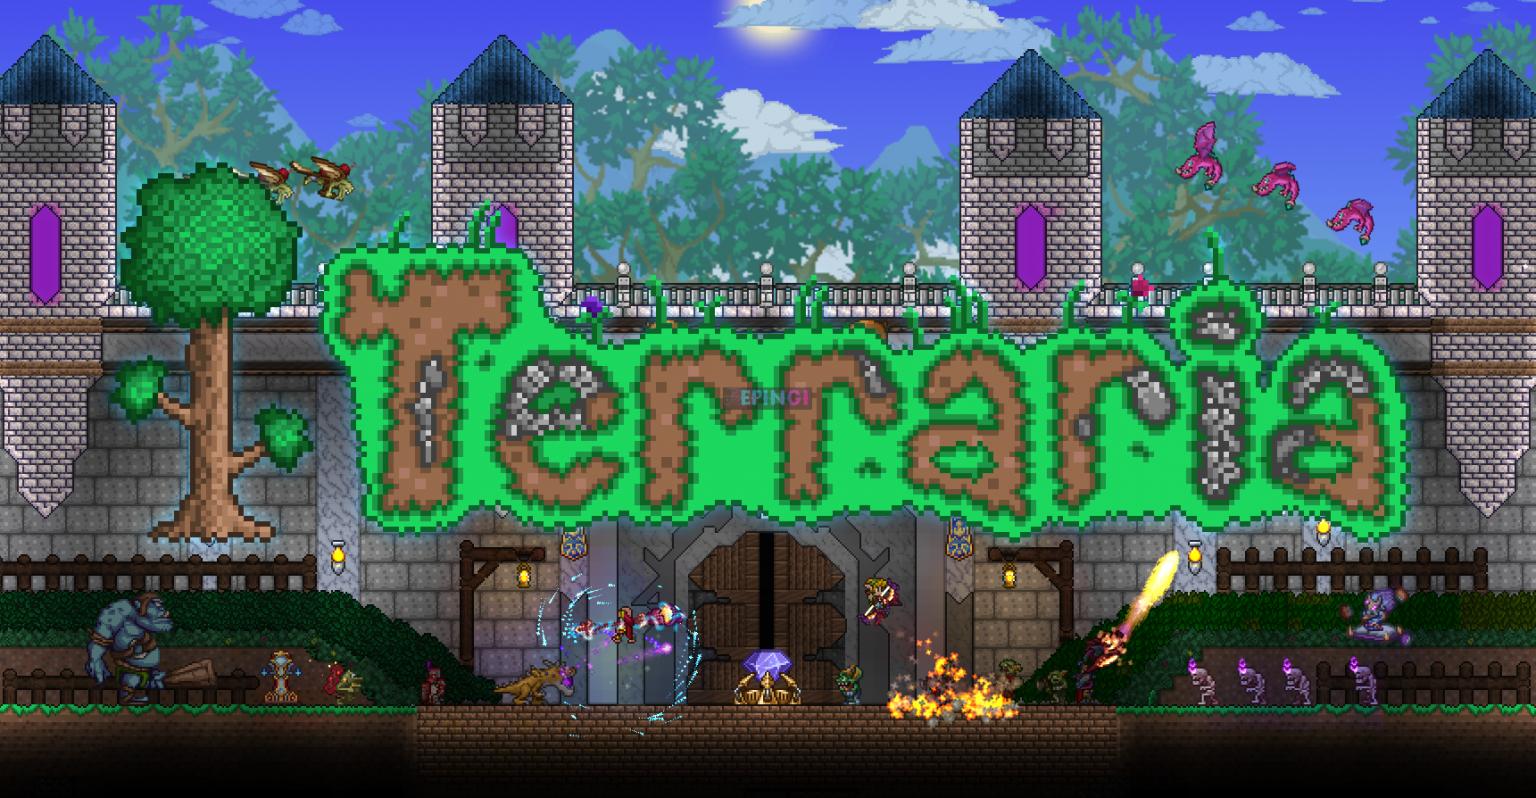 Terraria Apk Full Mobile Version Free Download